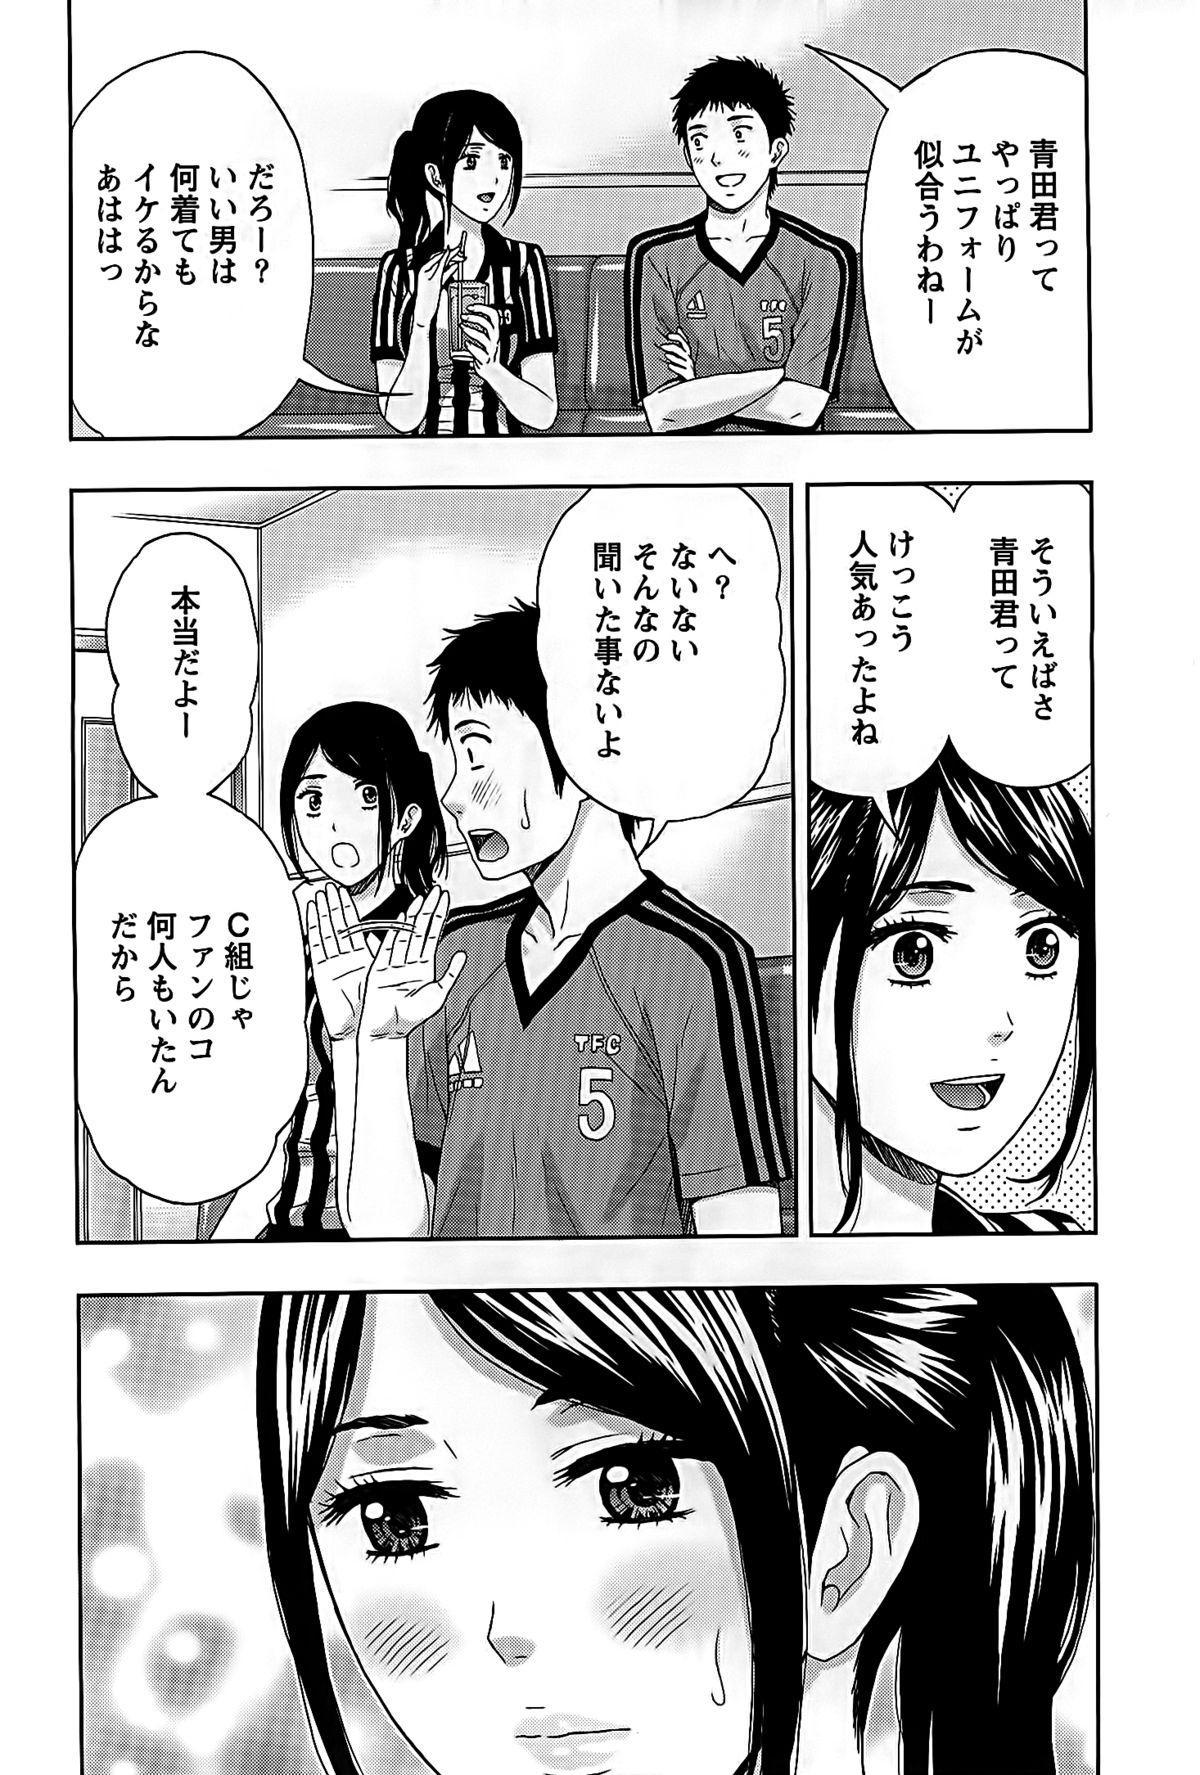 Shittori Lady to Amai Mitsu 134